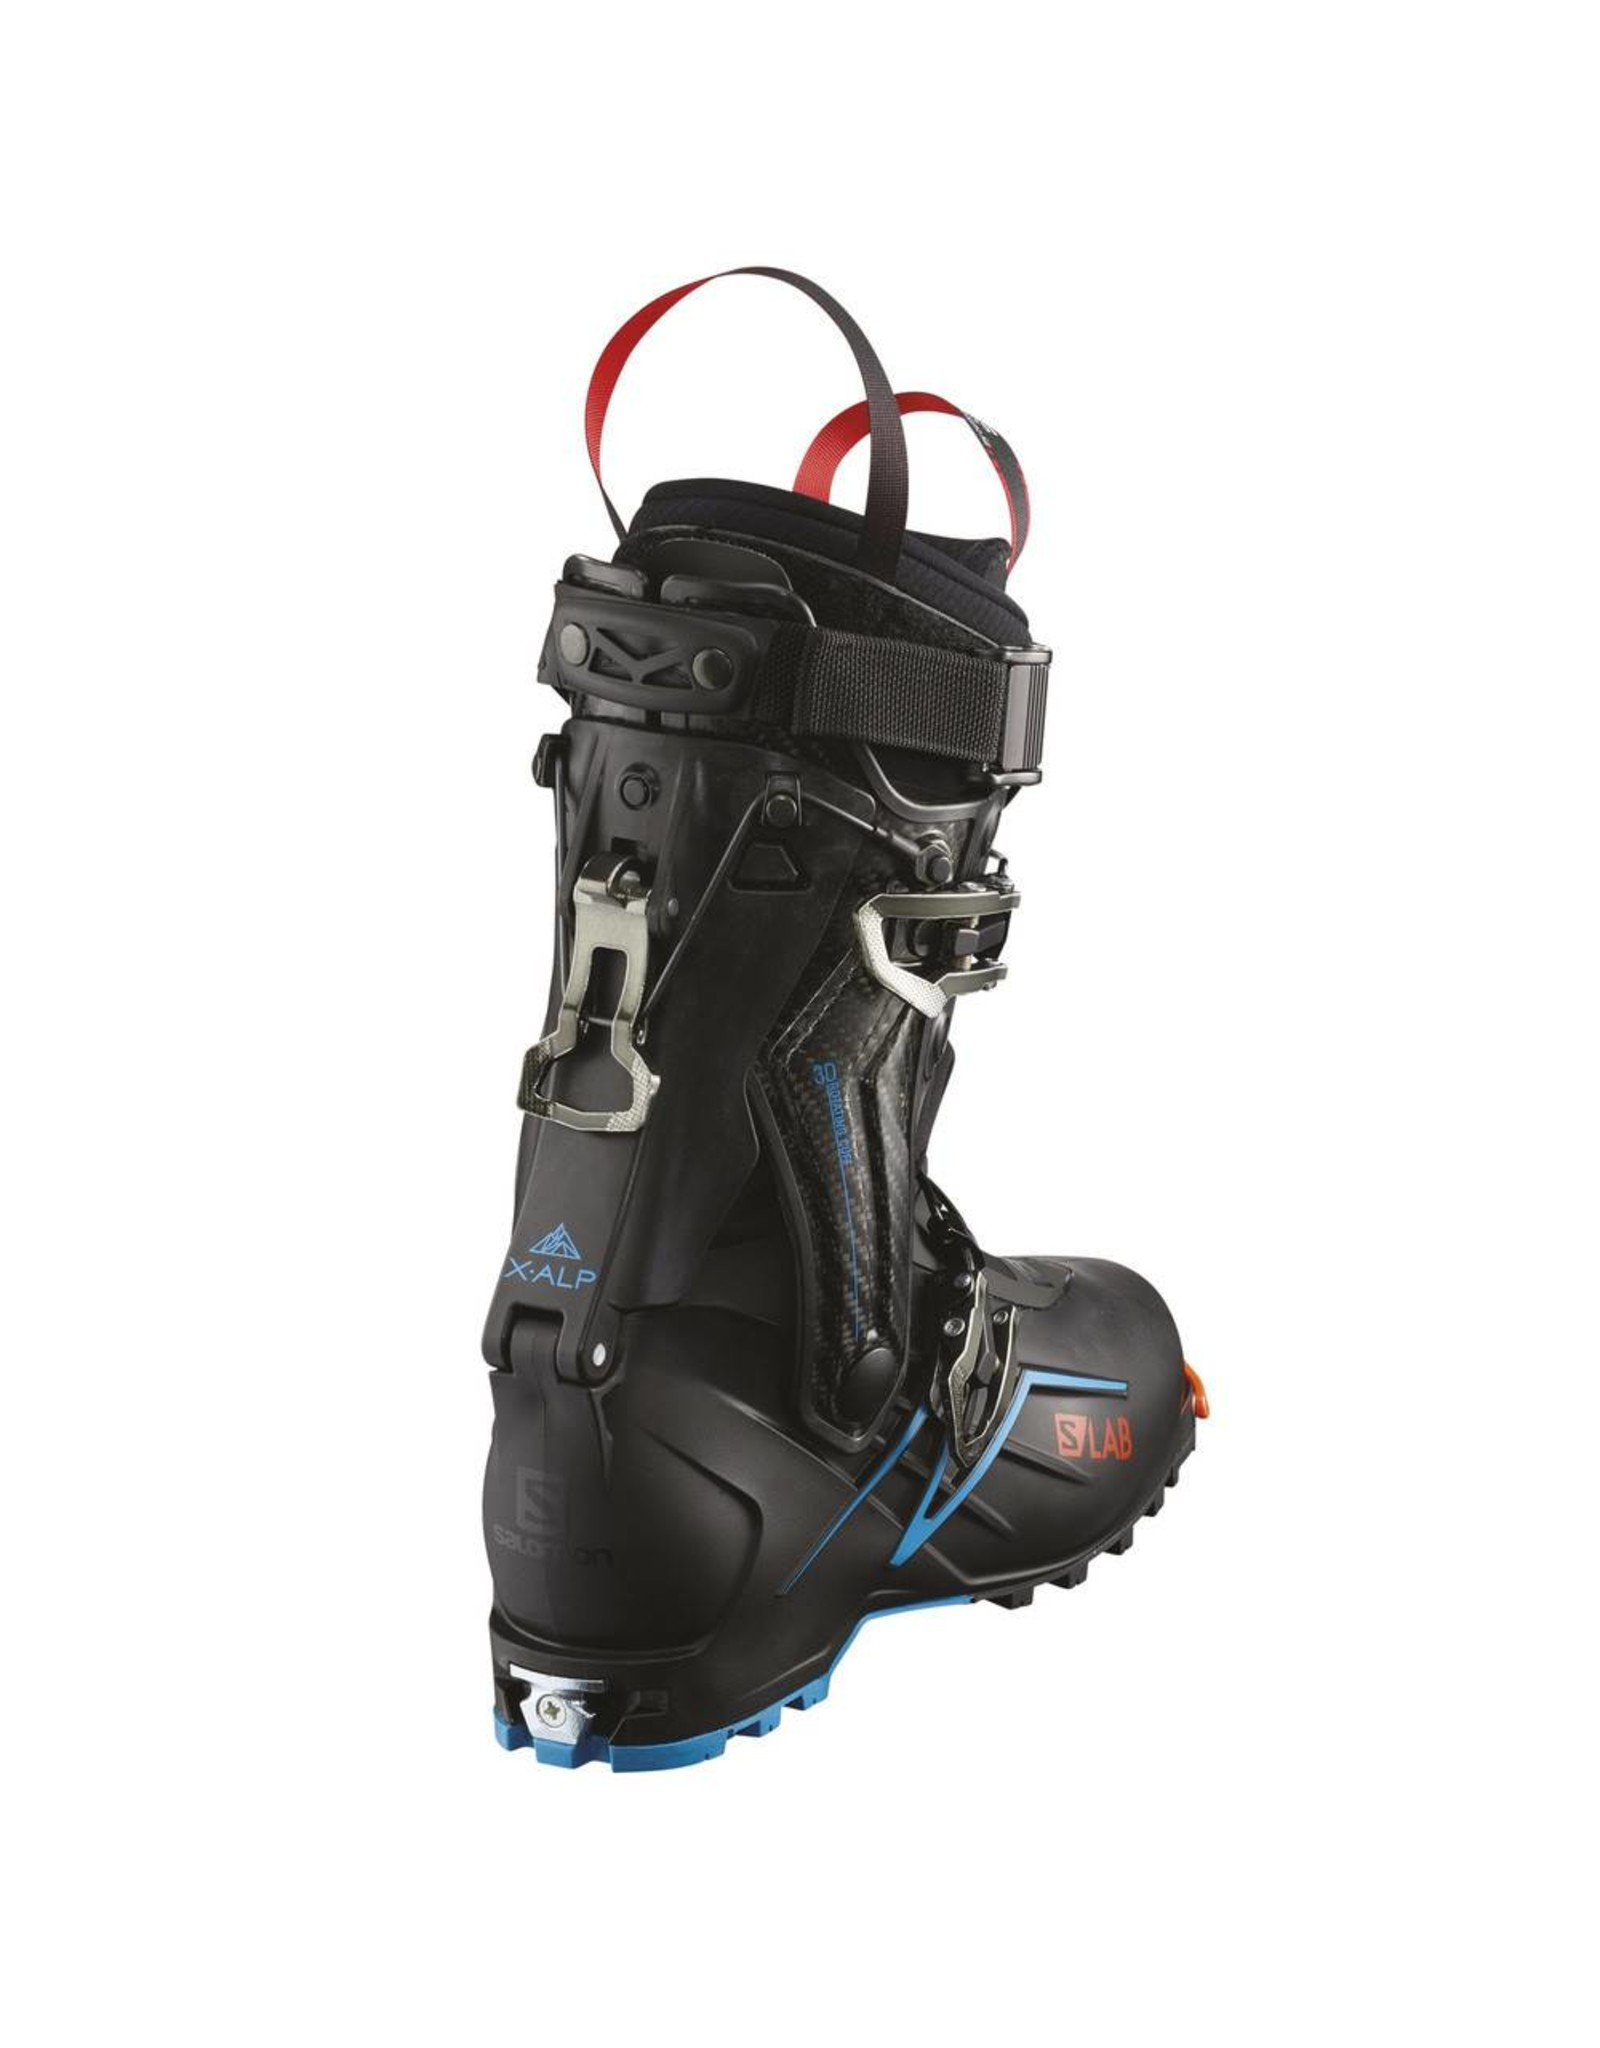 Salomon Botte de ski Salomon S/Lab X-Alp